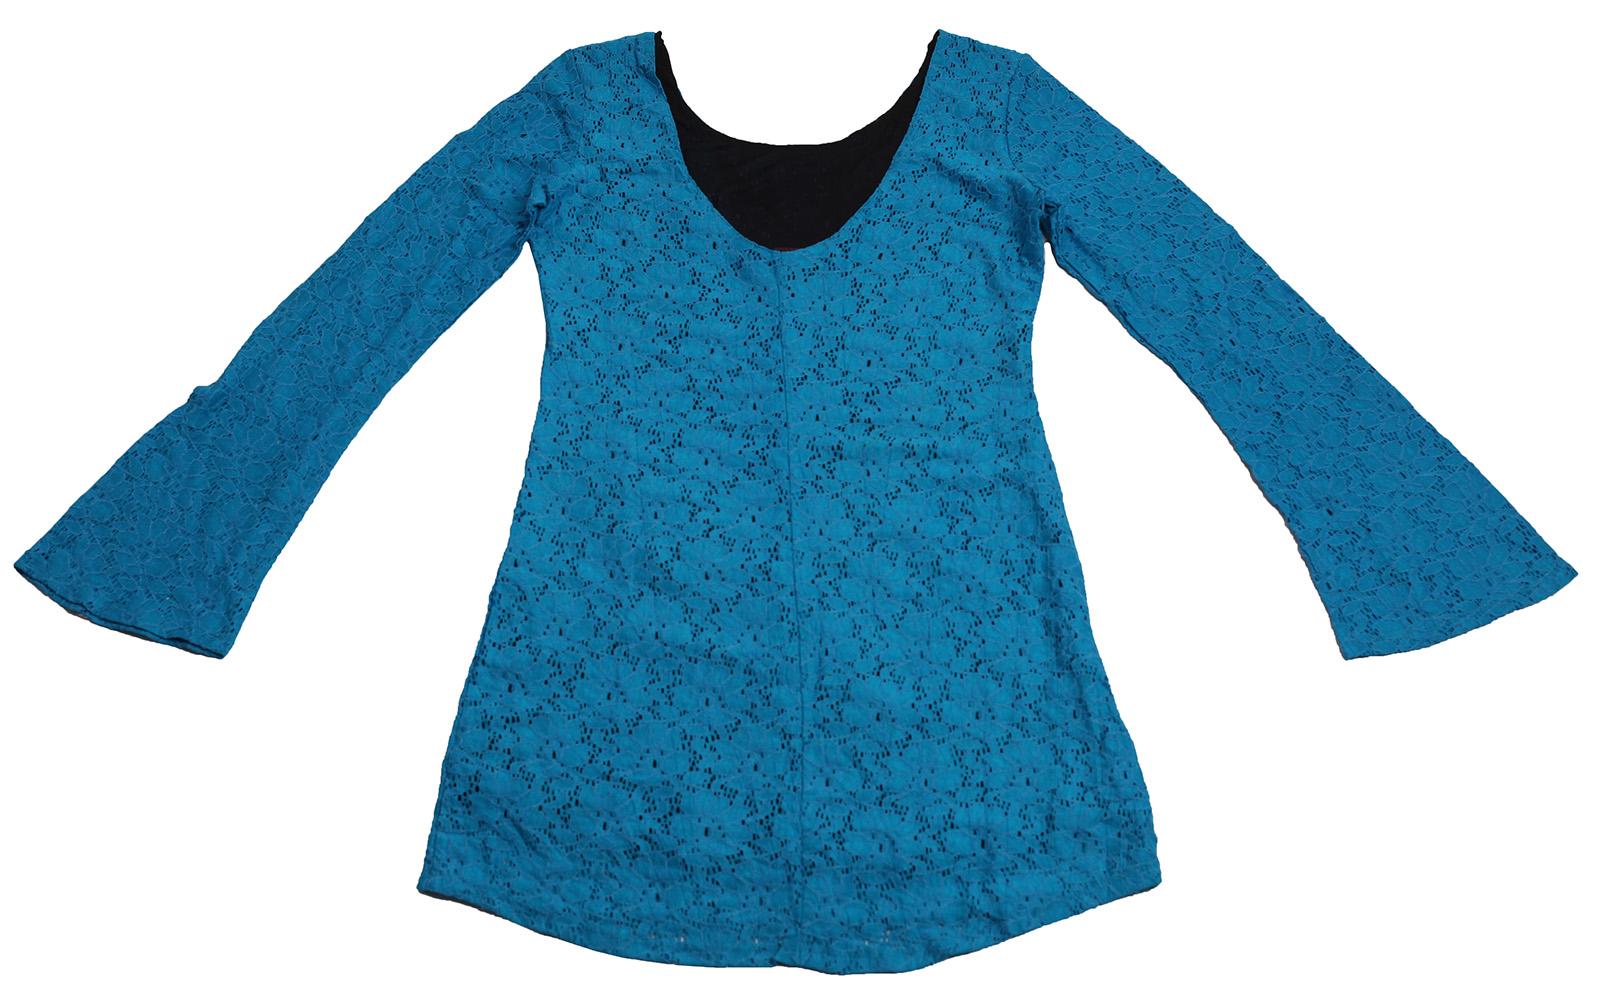 Заказать голубое гипюровое платье Rock&Roll CowGirl оригинального винтажного дизайна по оптимальной цене